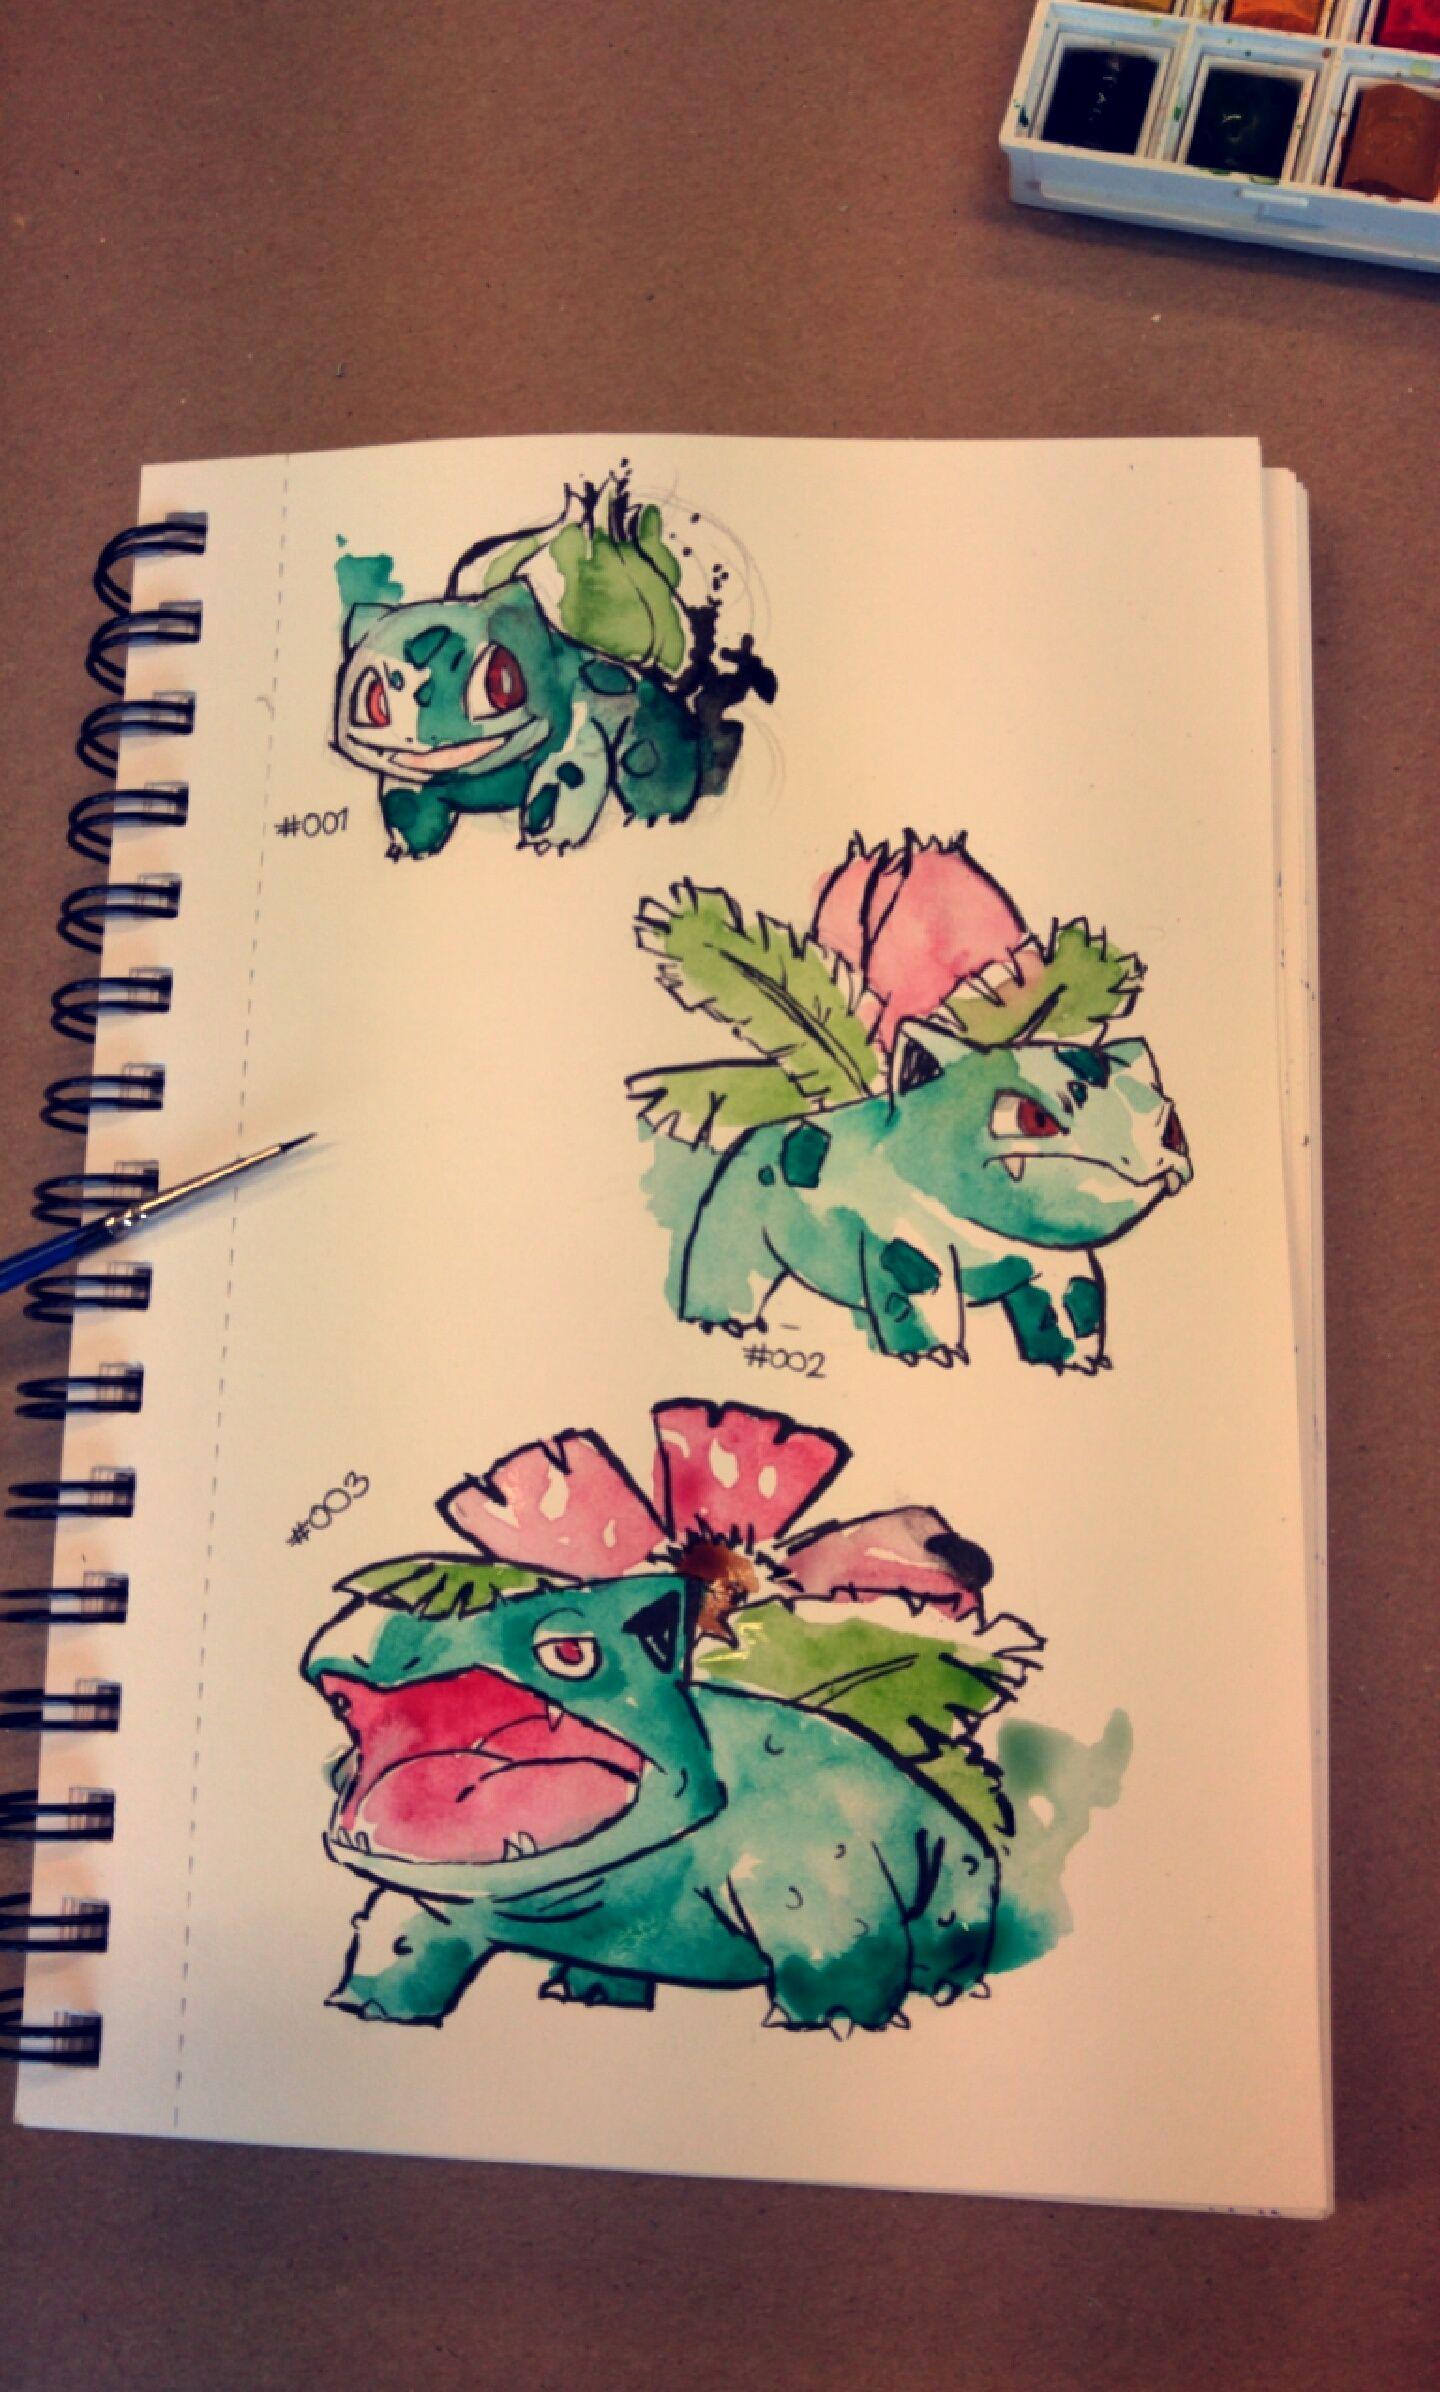 001 Bulbasaur 002 Ivysaur 003 Venusaur Pokemon Sketch